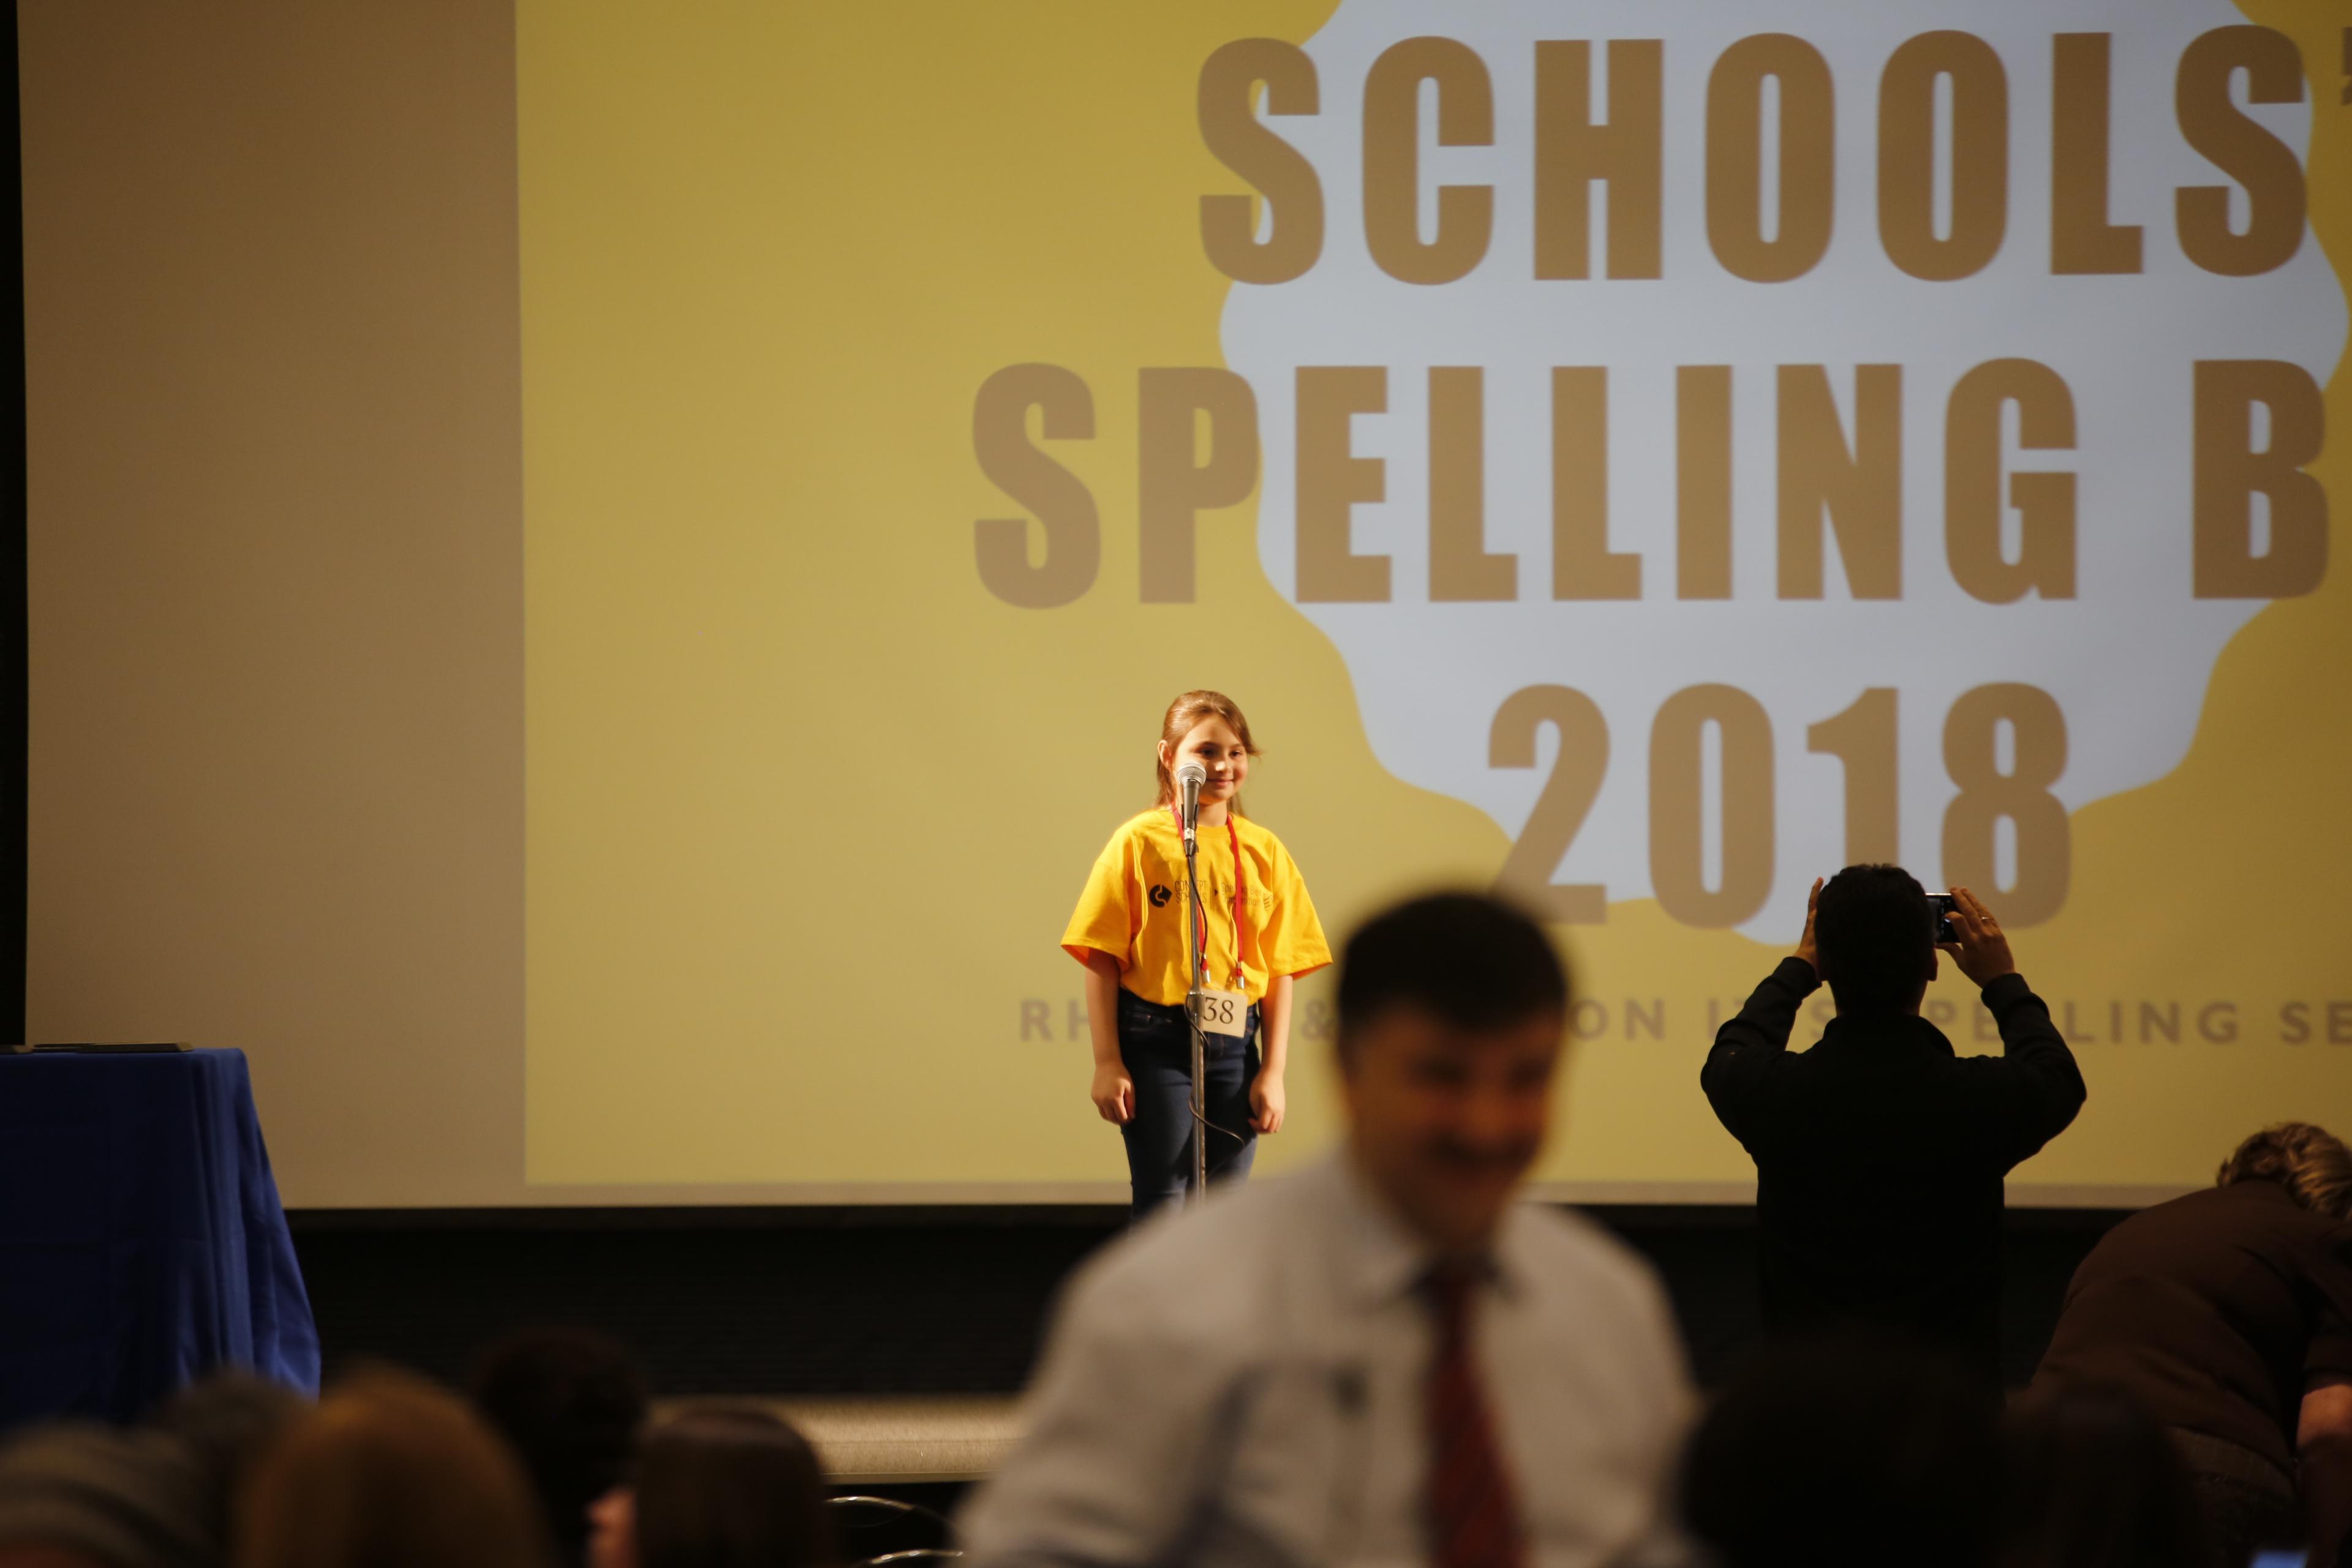 spelling-bee-concept-schools9